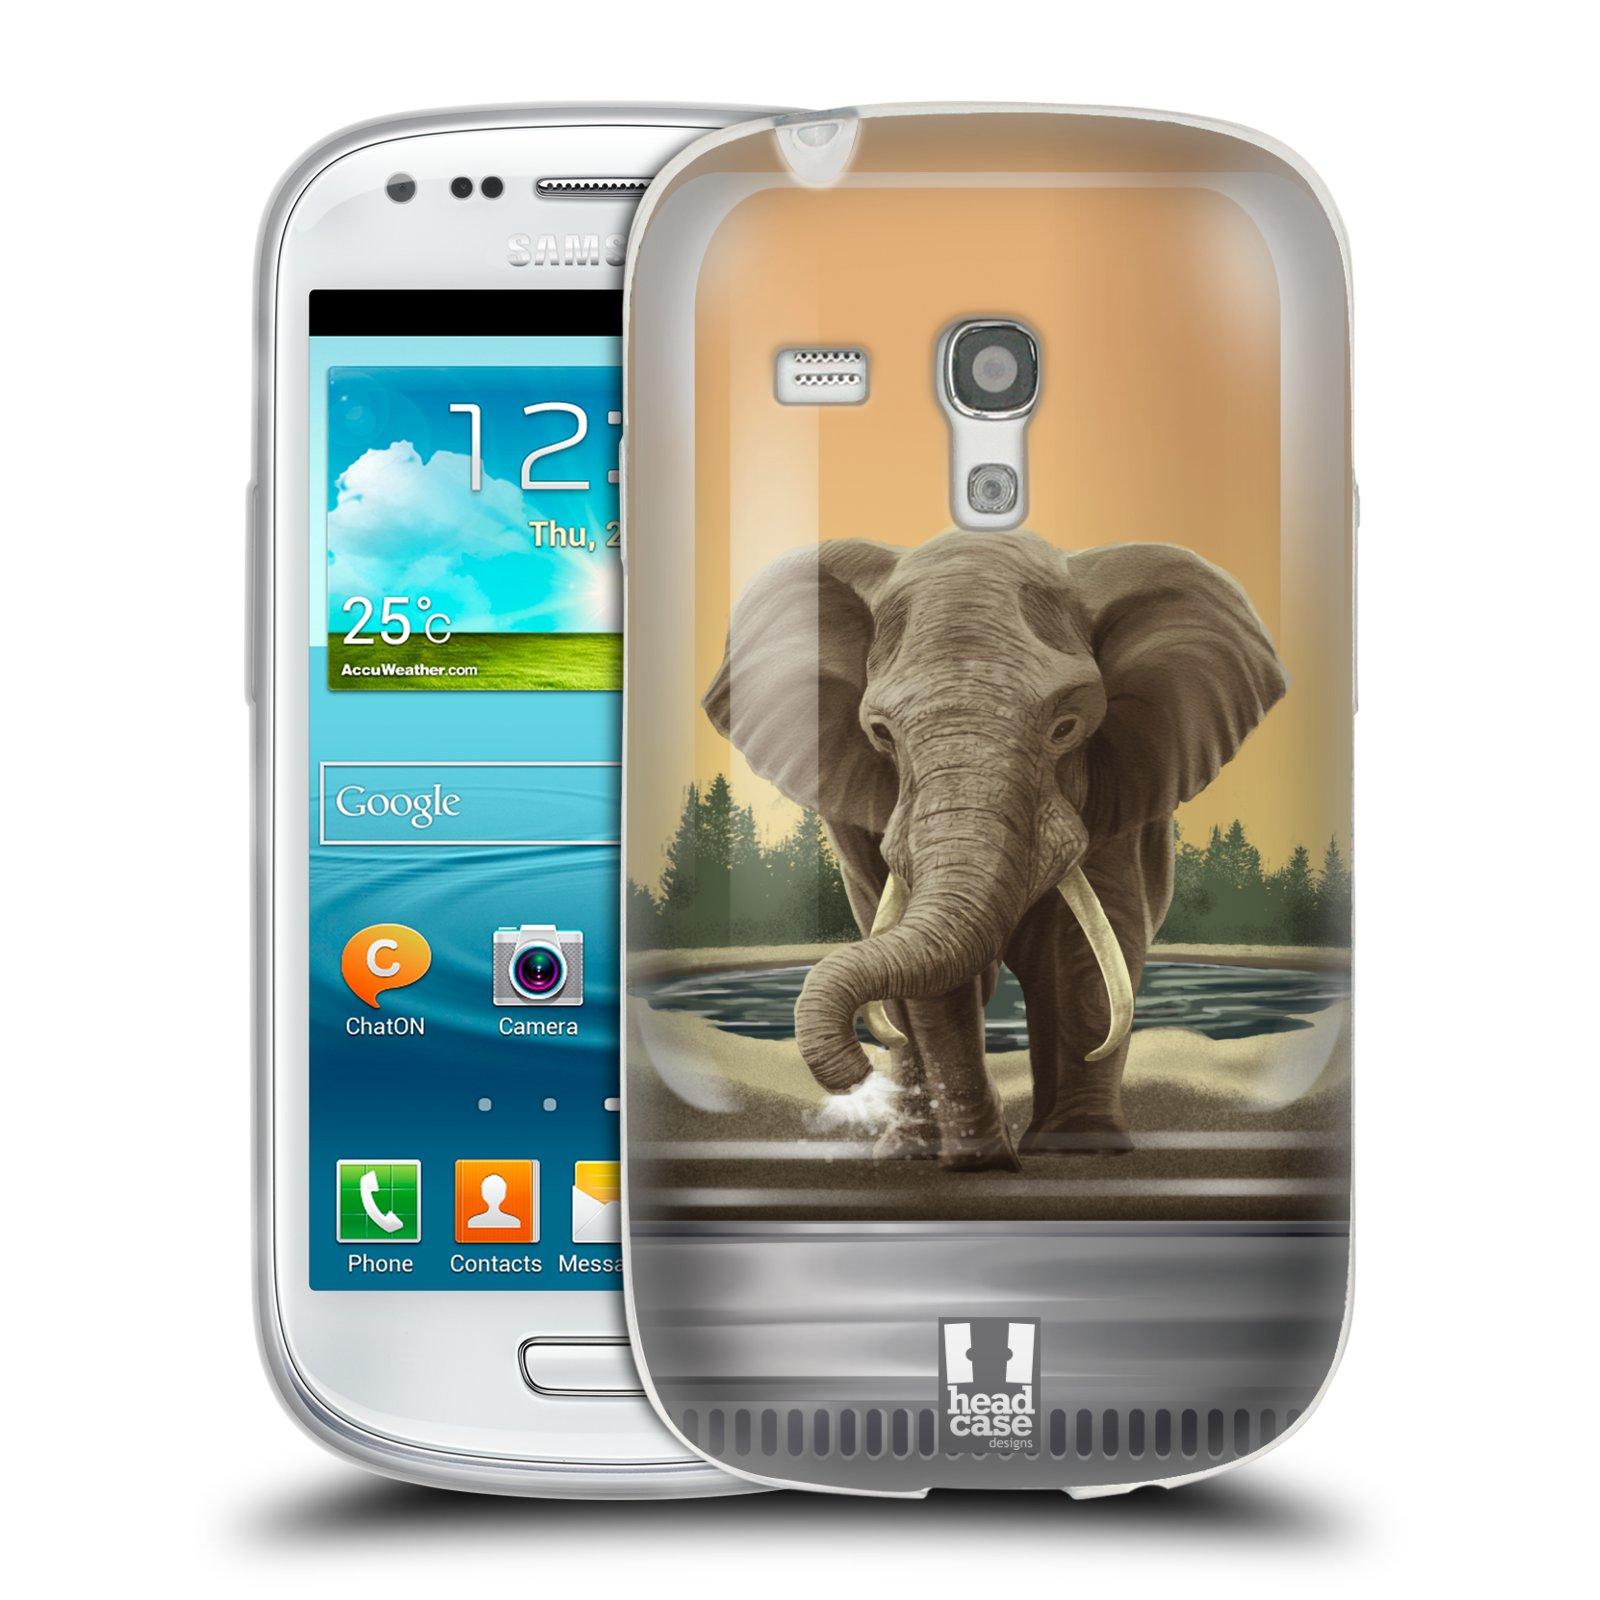 HEAD CASE silikonový obal na mobil Samsung Galaxy S3 MINI i8190 vzor Zvířátka v těžítku slon